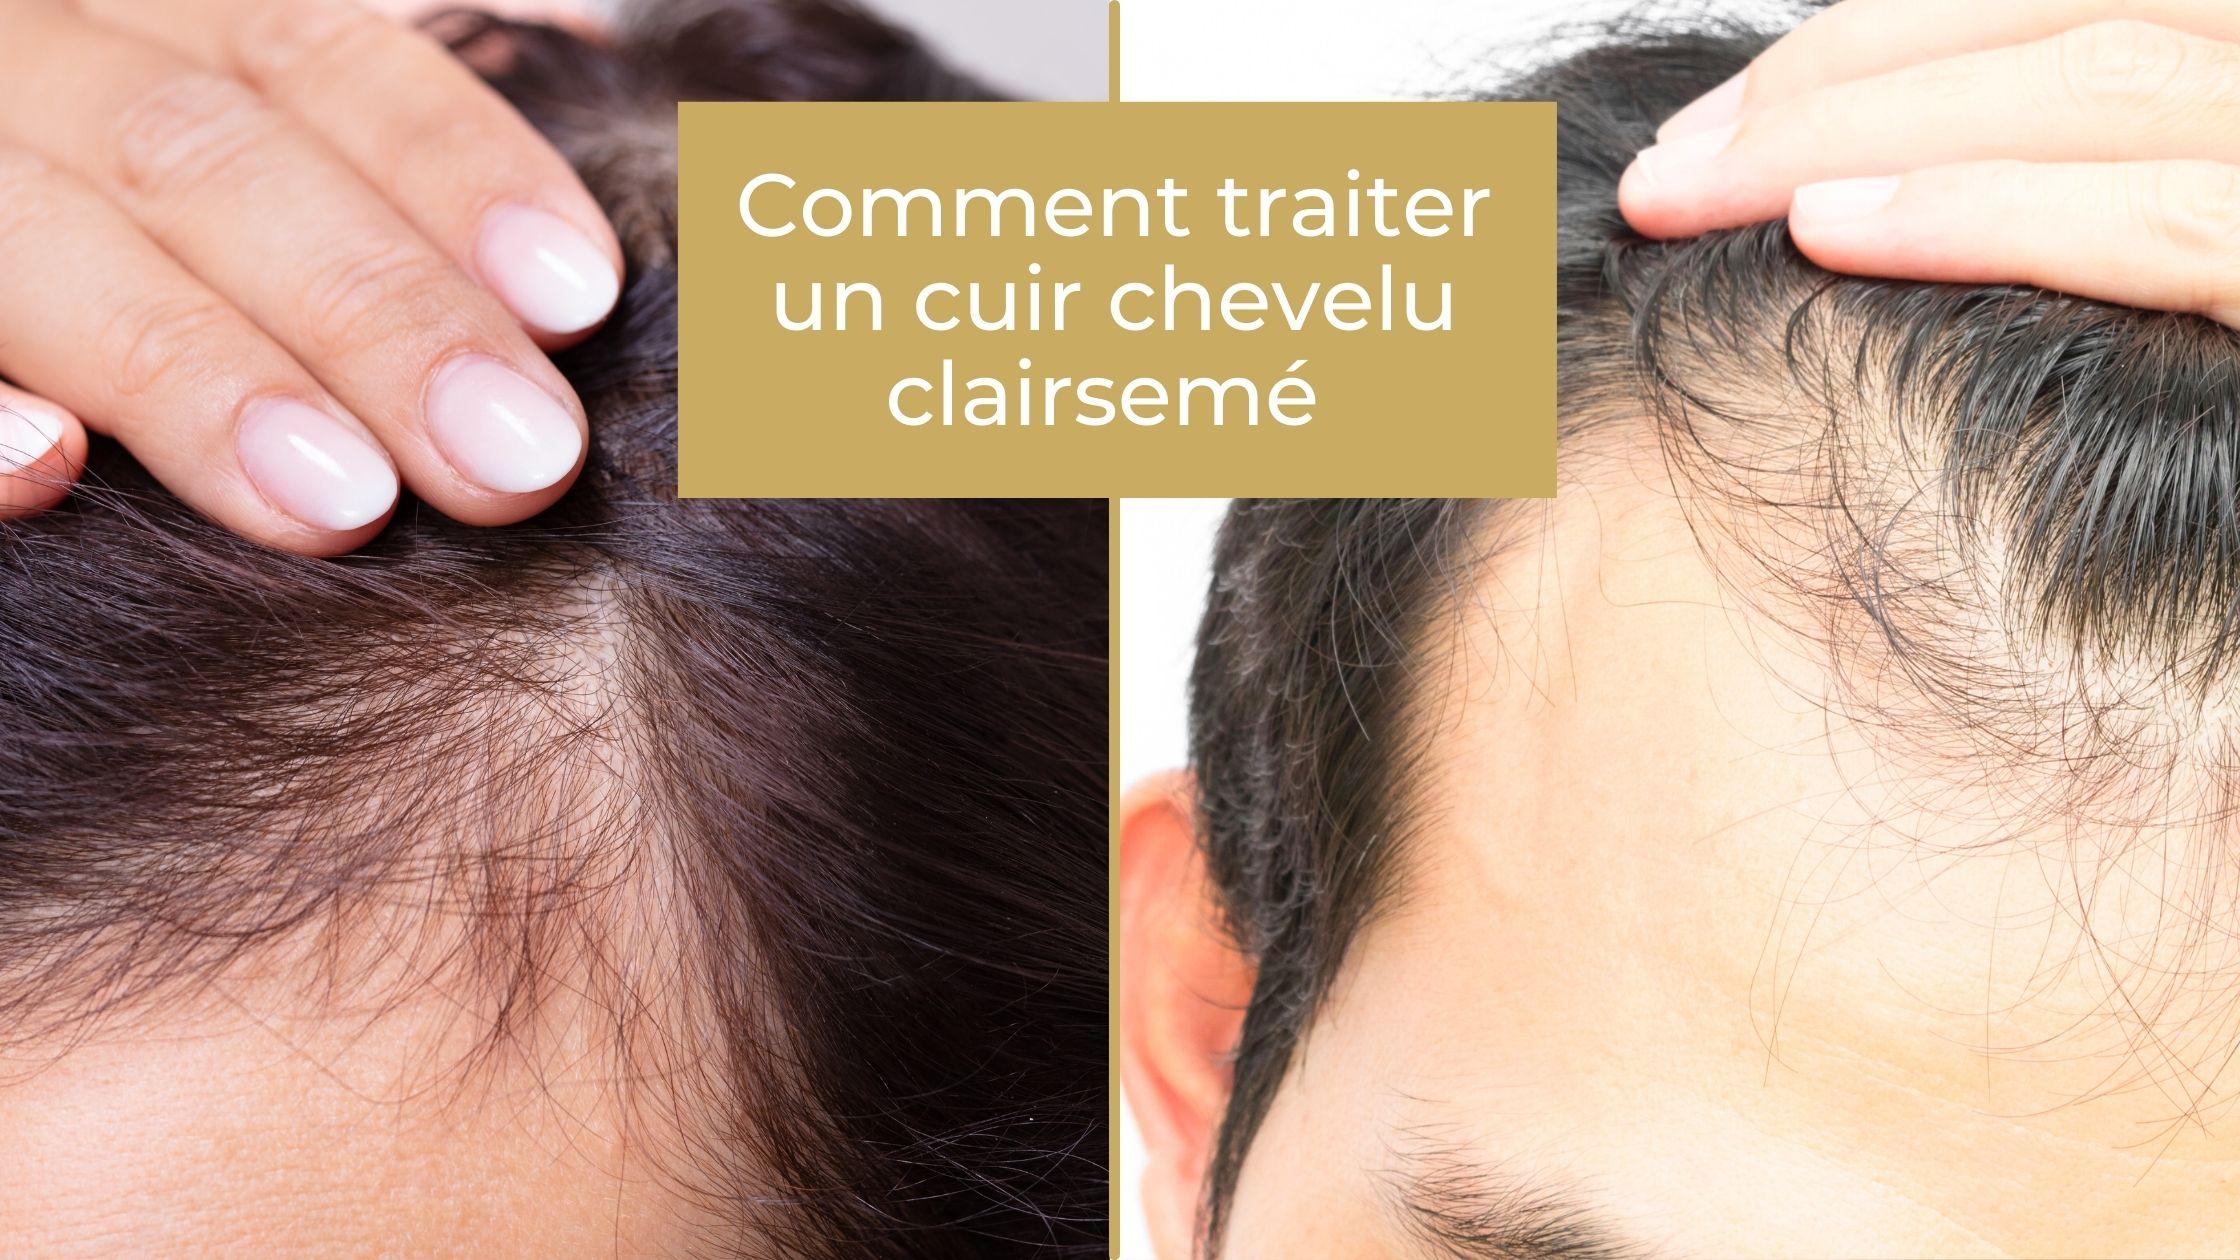 Comment traiter un cuir chevelu clairsemé